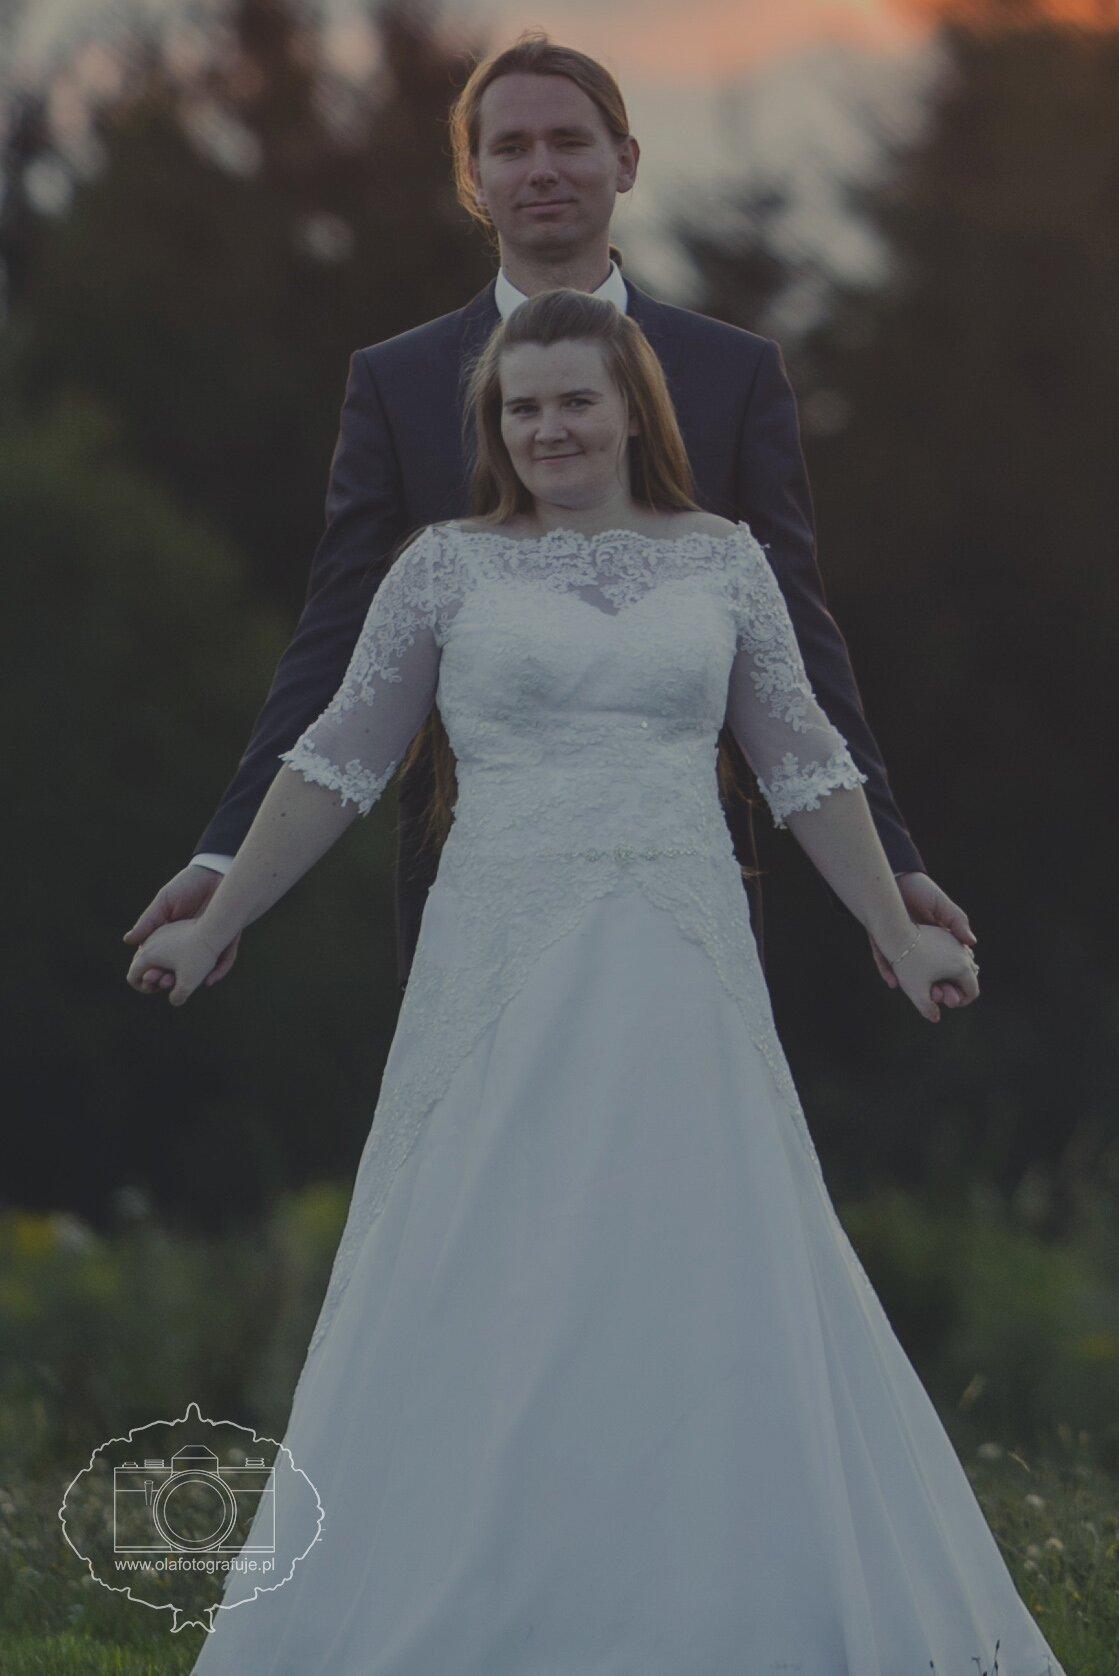 493. Nasz ślub 16.08.2014